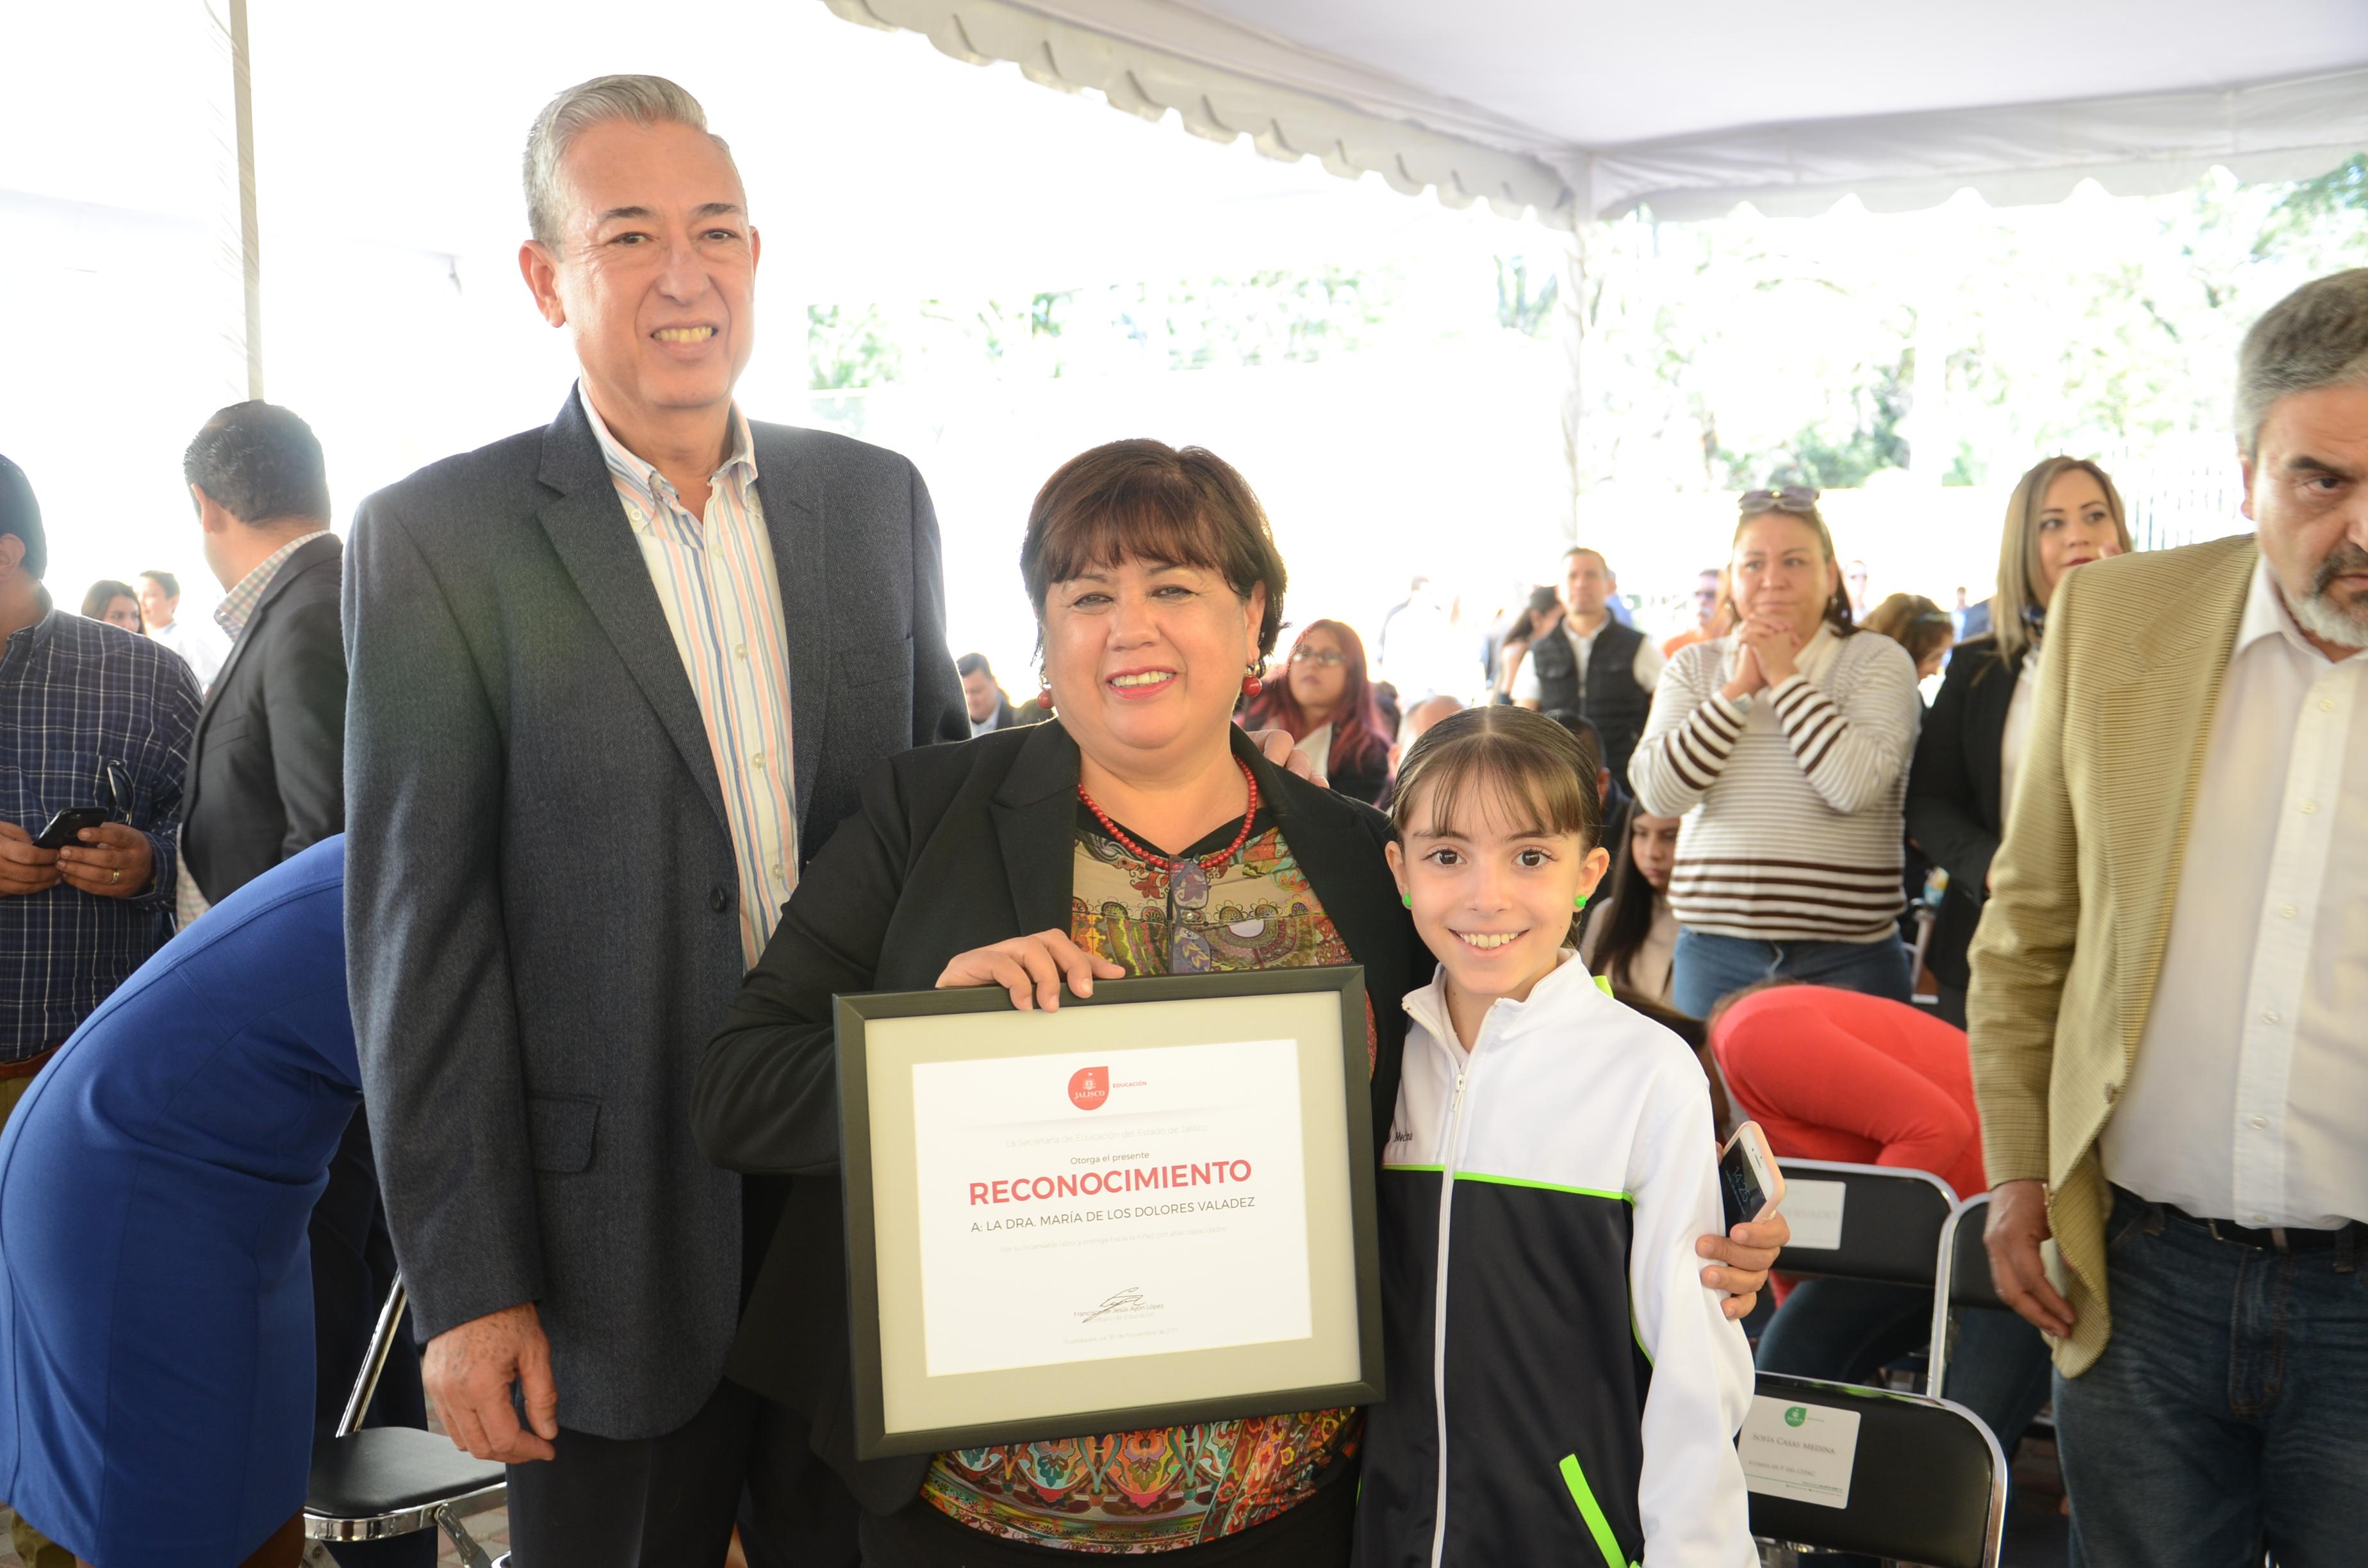 Dra. Lolita Valadez exhibe su reconocimiento en compañía del Secretario Académico del CUCS, Dr. Rogelio Zambrano